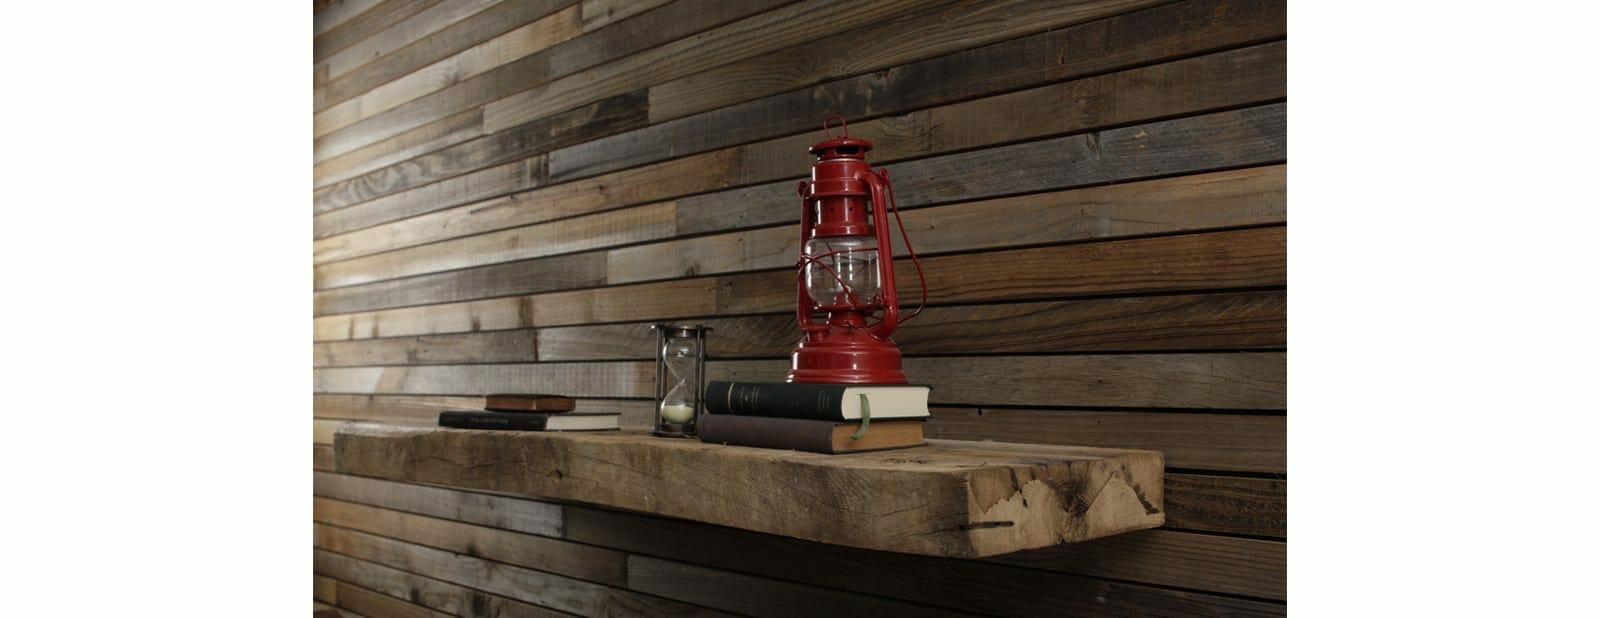 berwyn residence redwood paneling